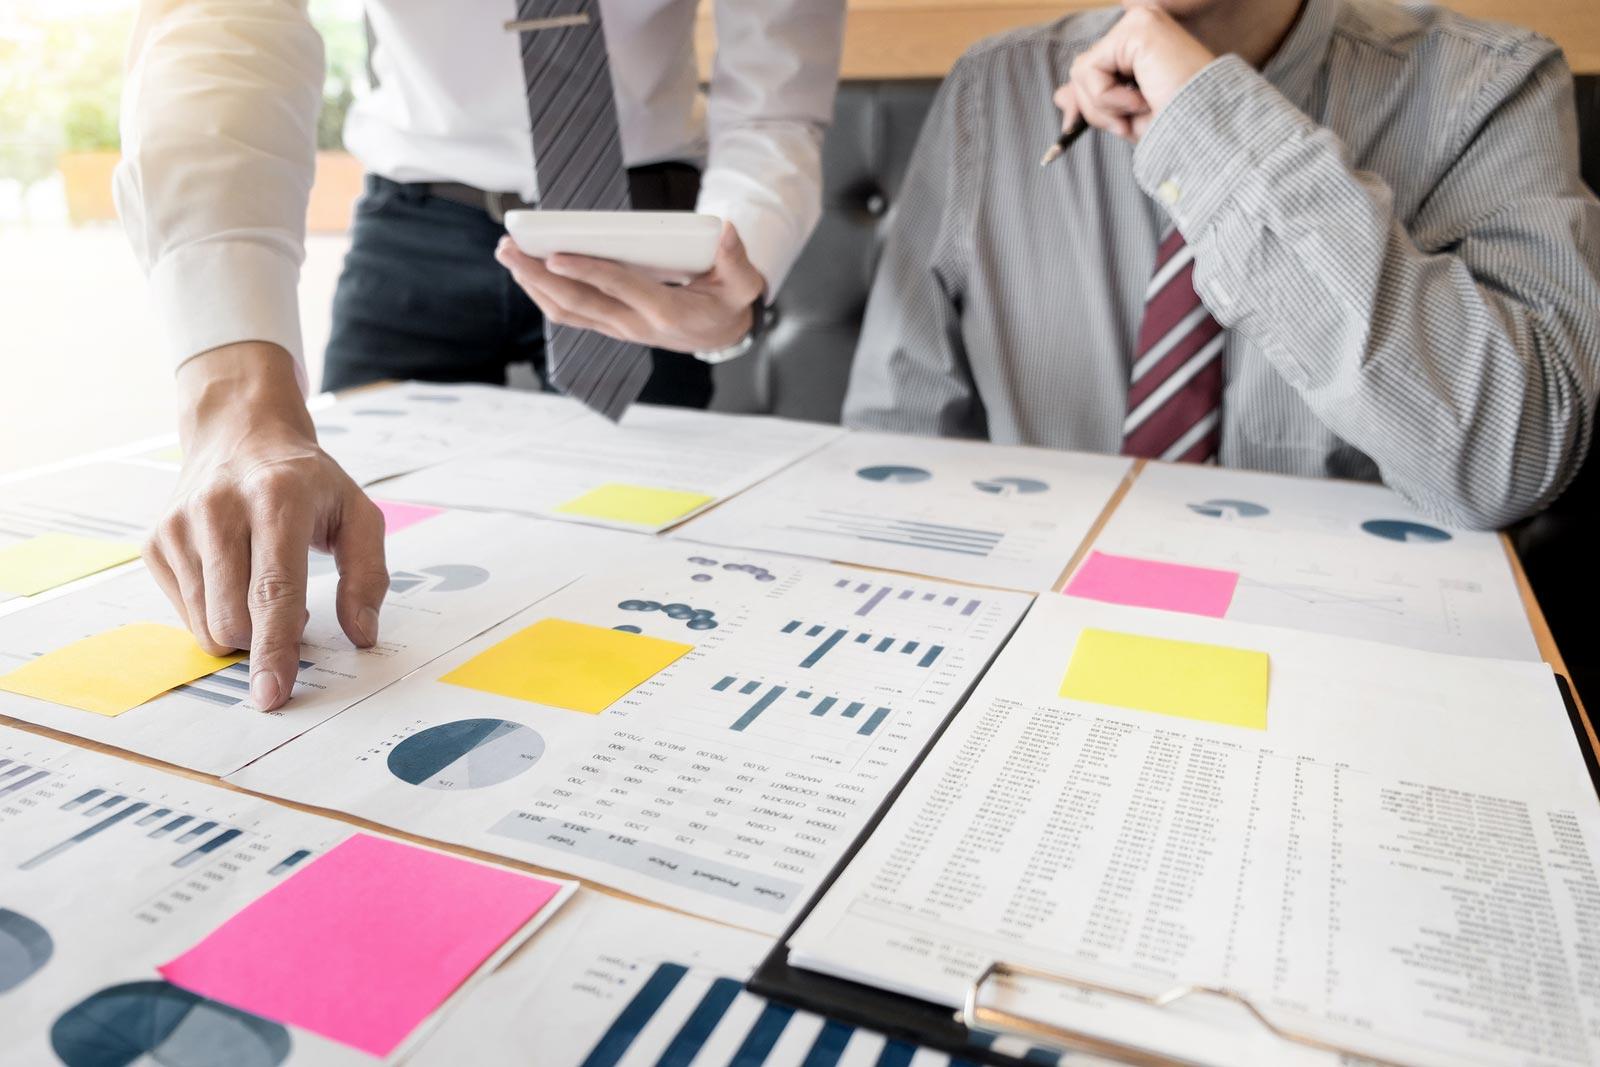 Des hommes d'affaires revoient des documents importants avant de les mettre en boîte pour le mini-entrepôt.